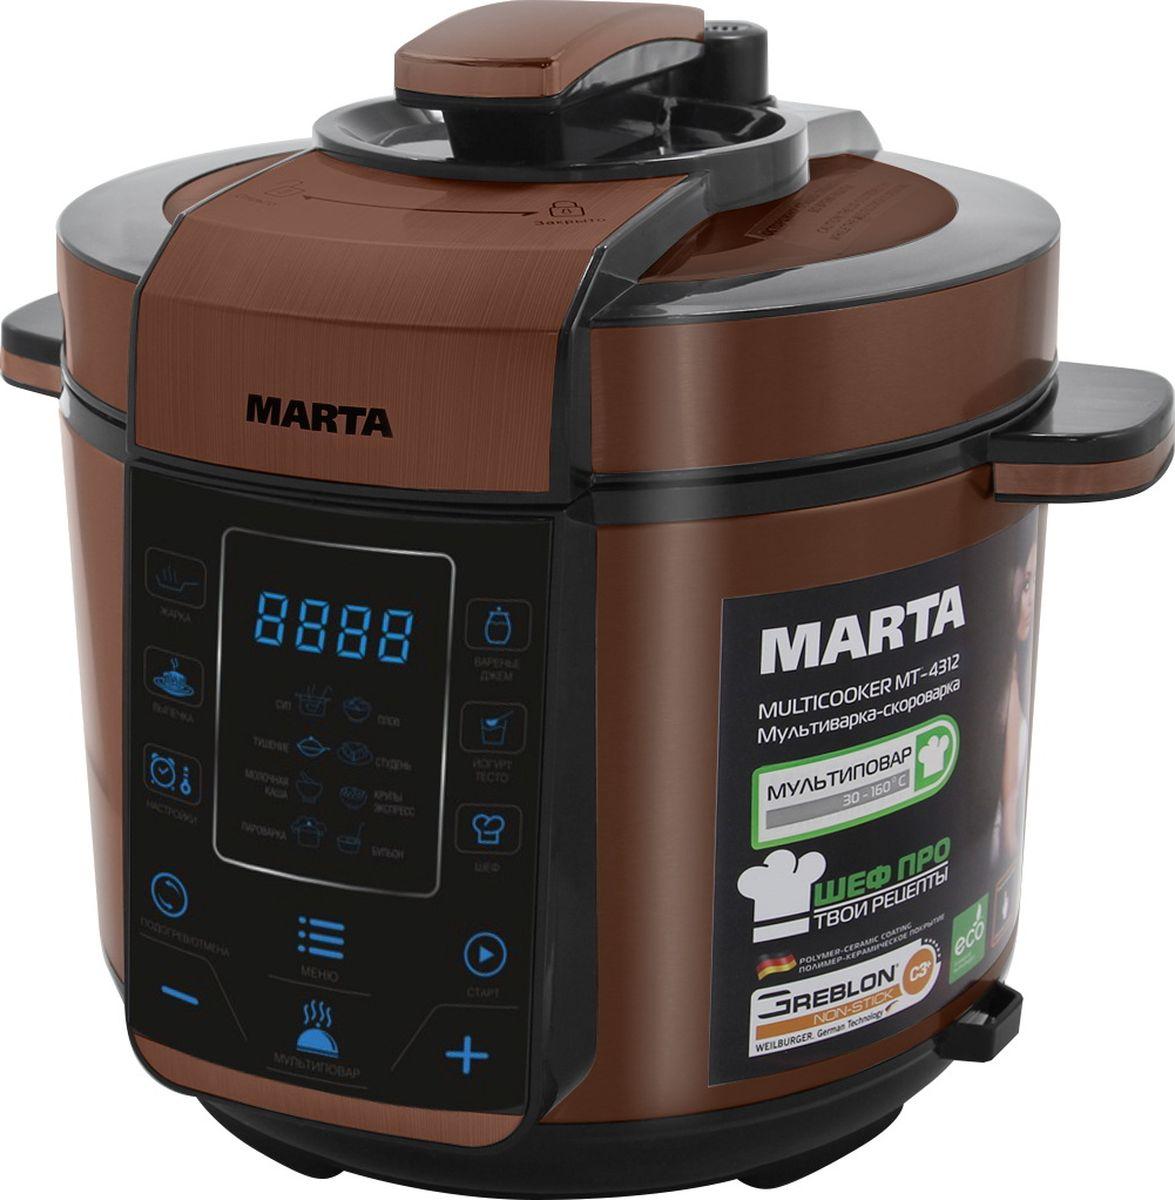 Marta MT-4312, Black Copper мультиваркаMT-4312 черн/медьMarta MT-4312 позволяет готовить с давлением и без давления. Marta MT-4312 комплектуется чашей с немецким керамическим покрытием. Главной особенностью данной модели является то, что это универсальное устройство, которое совмещает функции мультиварки и скороварки. В ней есть программы, которые используют технологию приготовления пищи под давлением, а есть программы, присущие простым мультиваркам, в которых приготовление происходит без давления. Ваше блюдо никогда не подгорит, сохранит свой вкус, аромат и витамины. Сенсорное управление позволит с легкостью управлять 30 программами приготовления, из которых 14 - полностью автоматическая: 9 работают в режиме скороварки, а 5 - в режиме мультиварки. Остальные 16 программ настраиваются вручную. А для полного раскрытия кулинарного таланта - программа Мультиповар в комбинации с программой Шеф и функцией Шеф Про!Как выбрать мультиварку. Статья OZON Гид